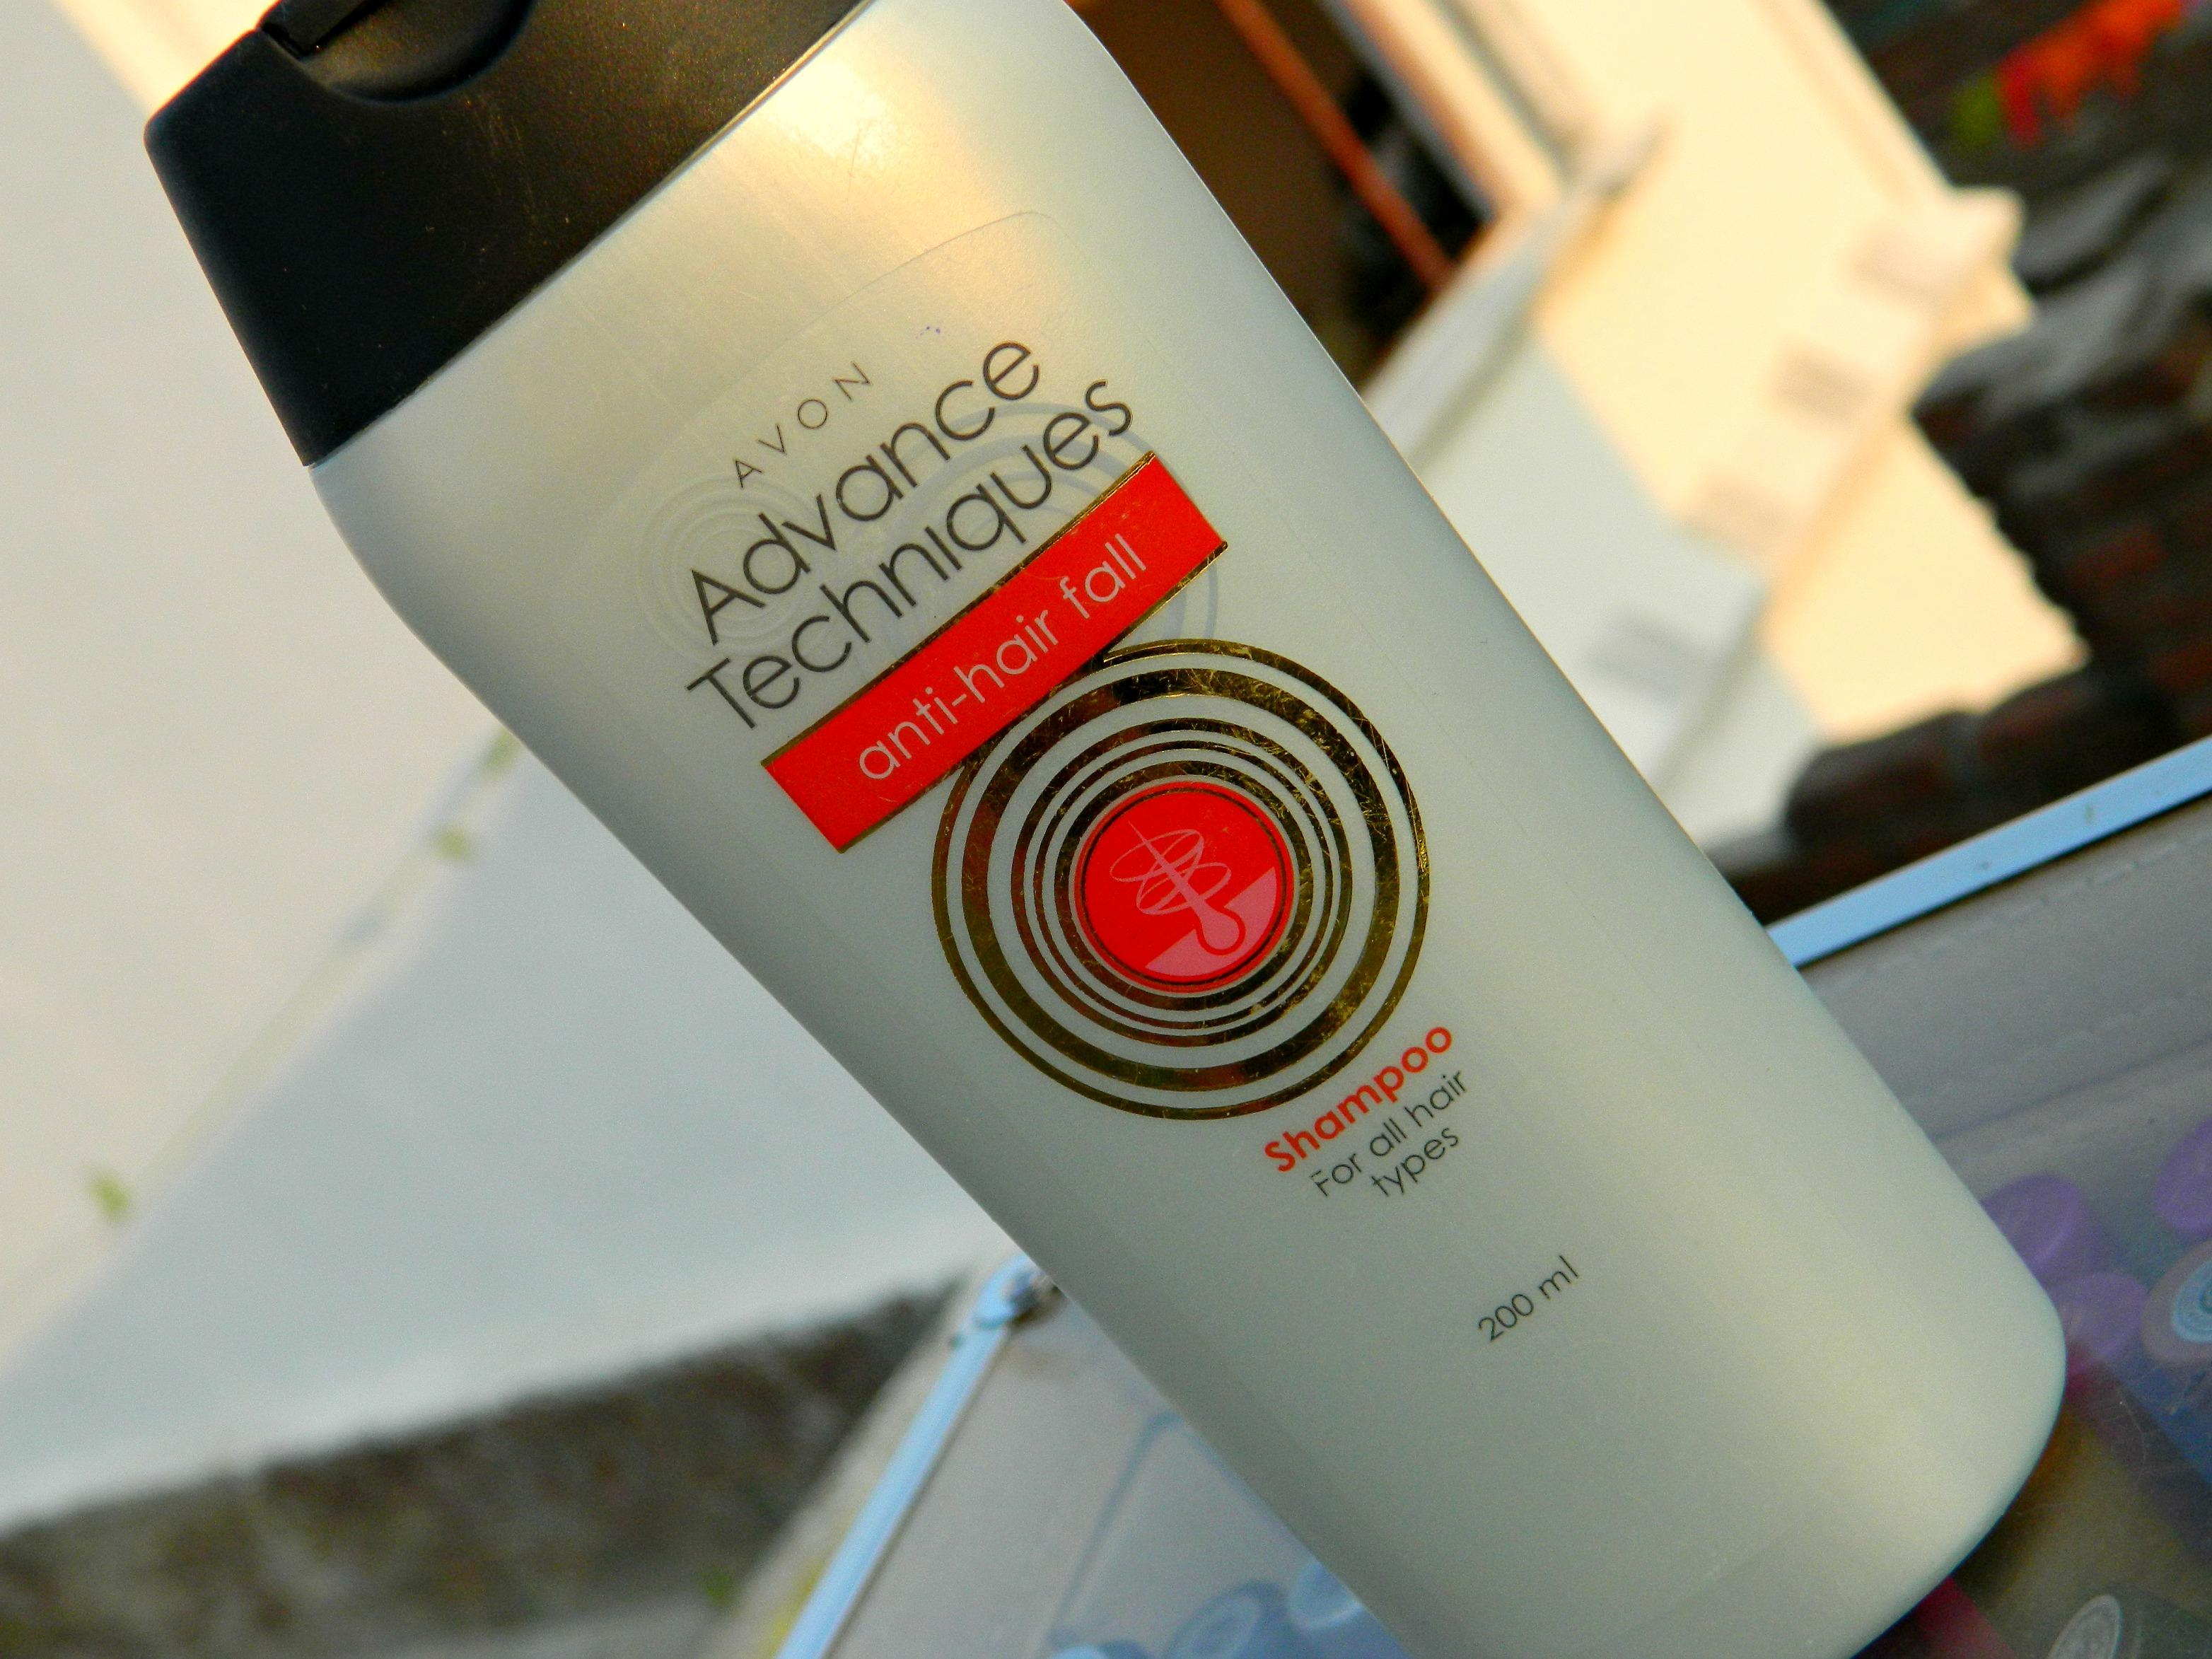 Avon Advance Techniques Anti-Hair Fall Shampoo Review